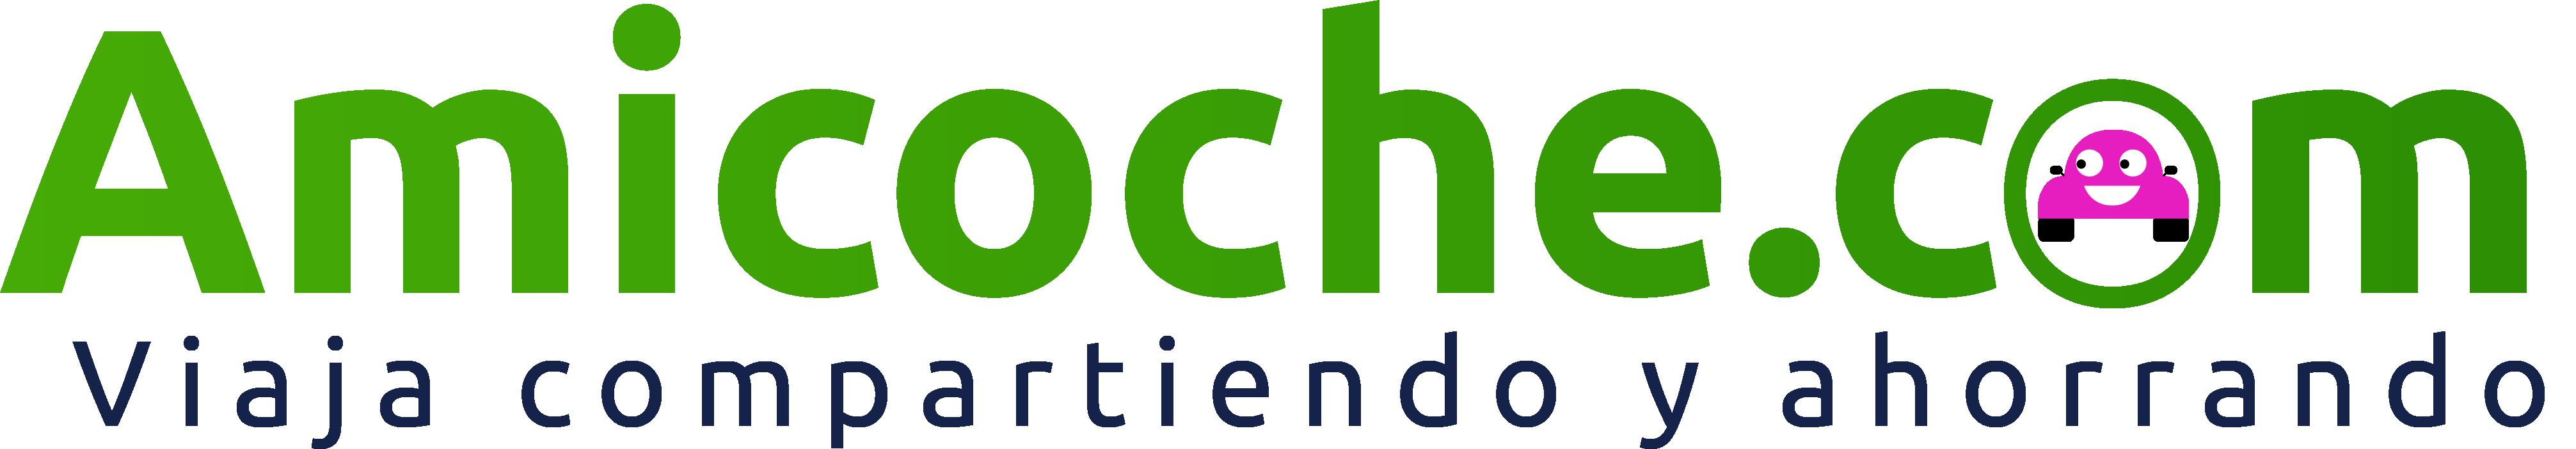 Logo Amicoche.com